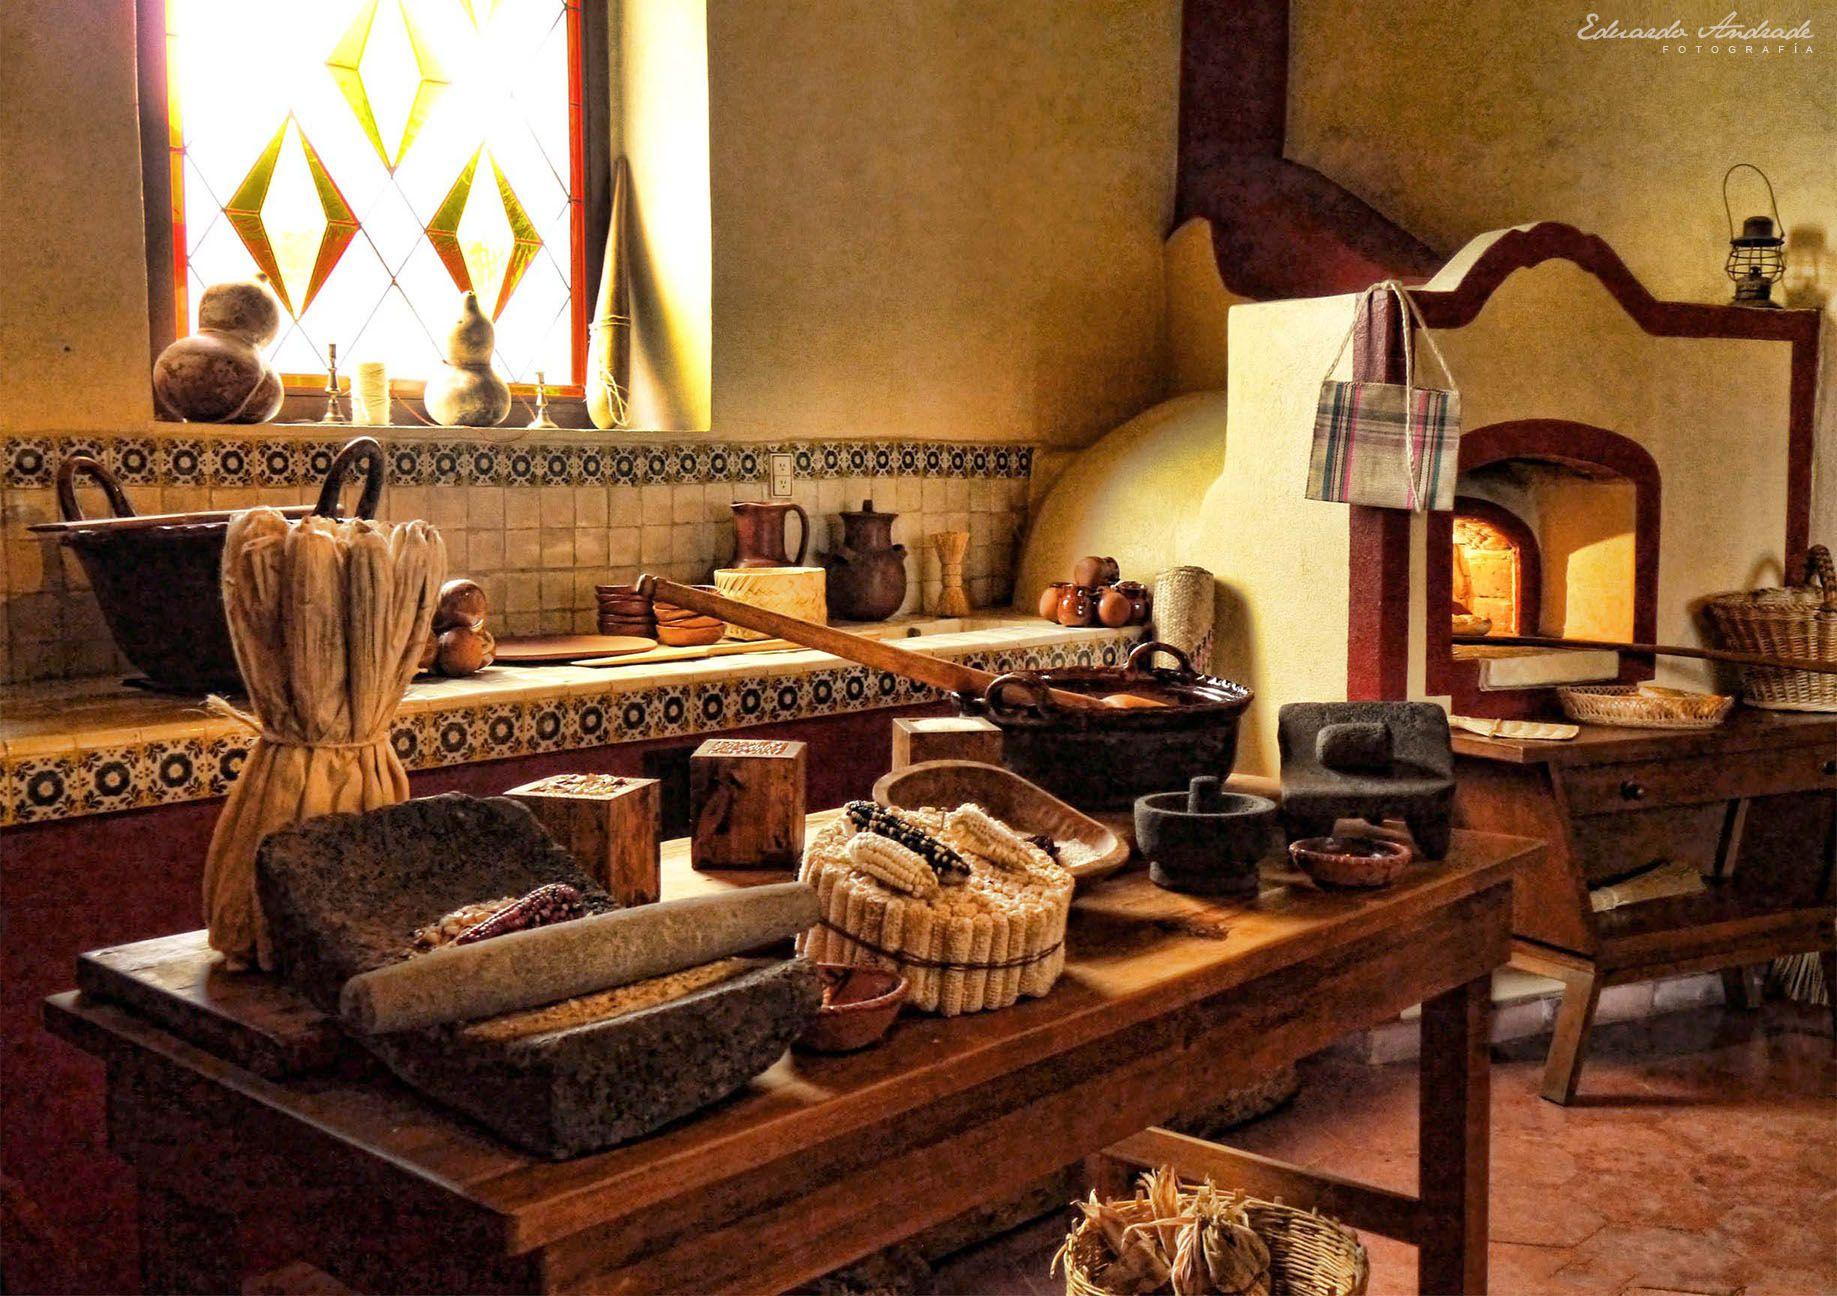 Cocinas tradicionales de México | Cocinas tradicionales, Tradicional ...